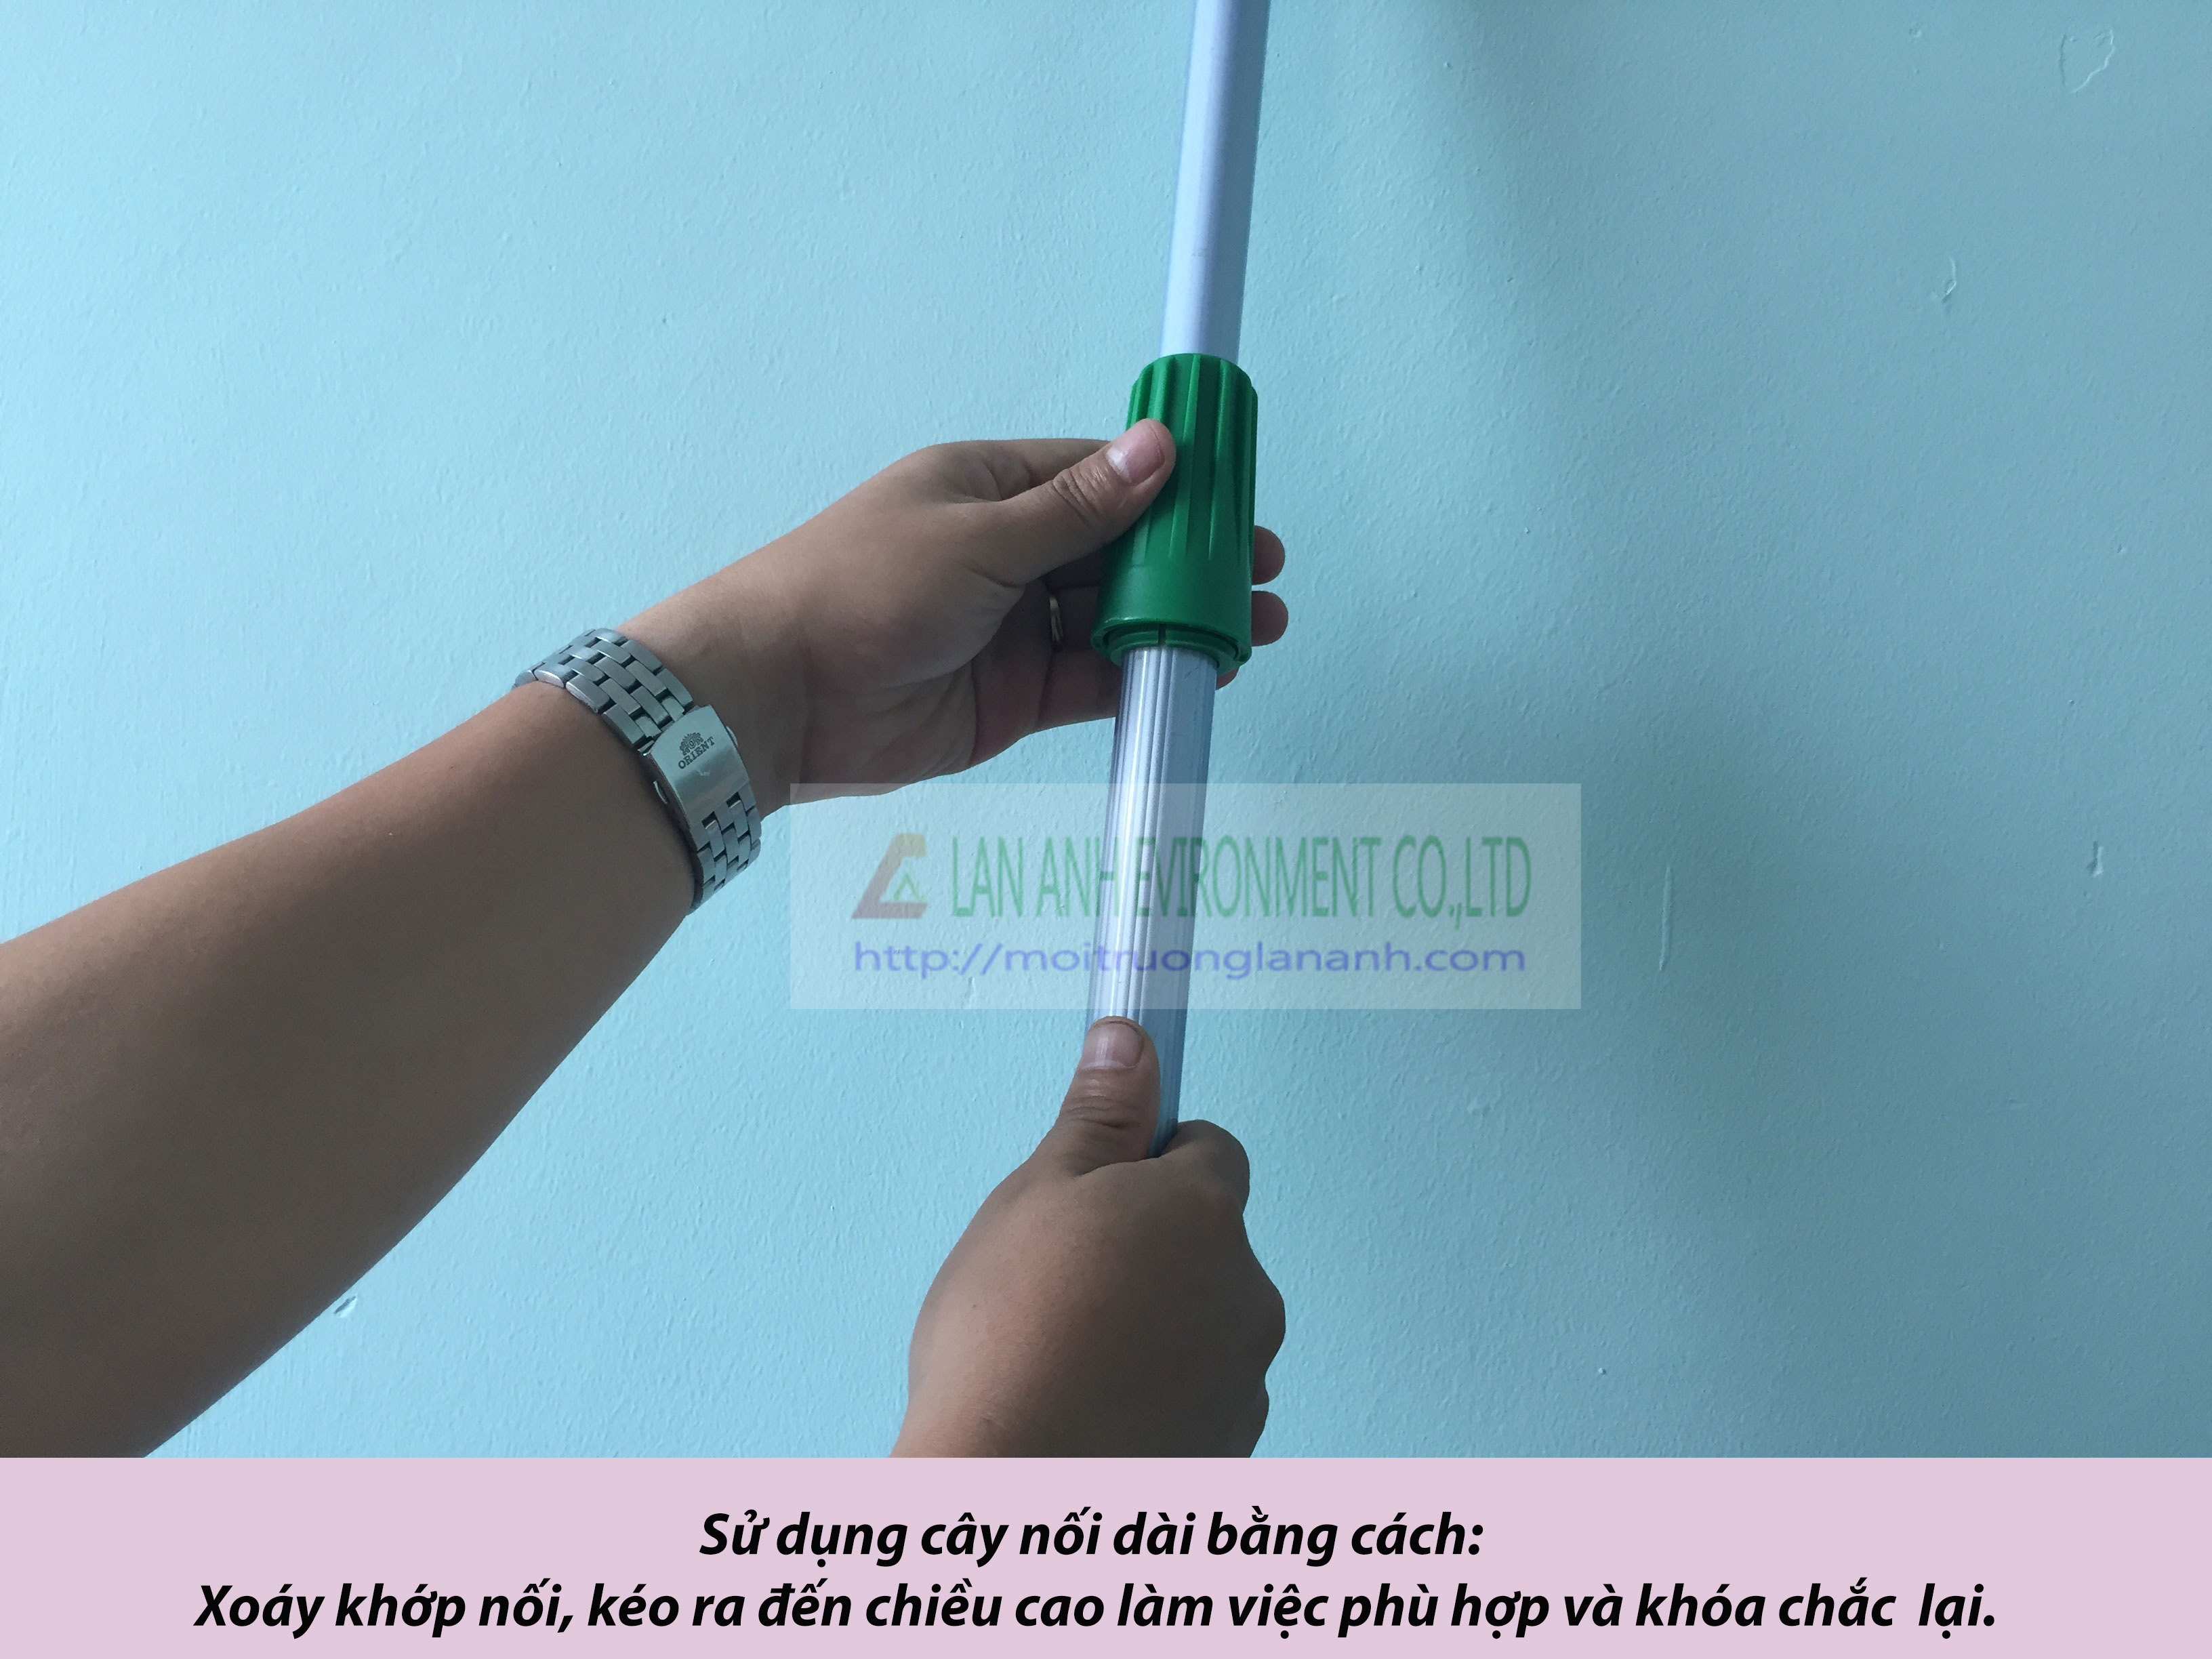 Cách sử dụng cây nối dài lau kính